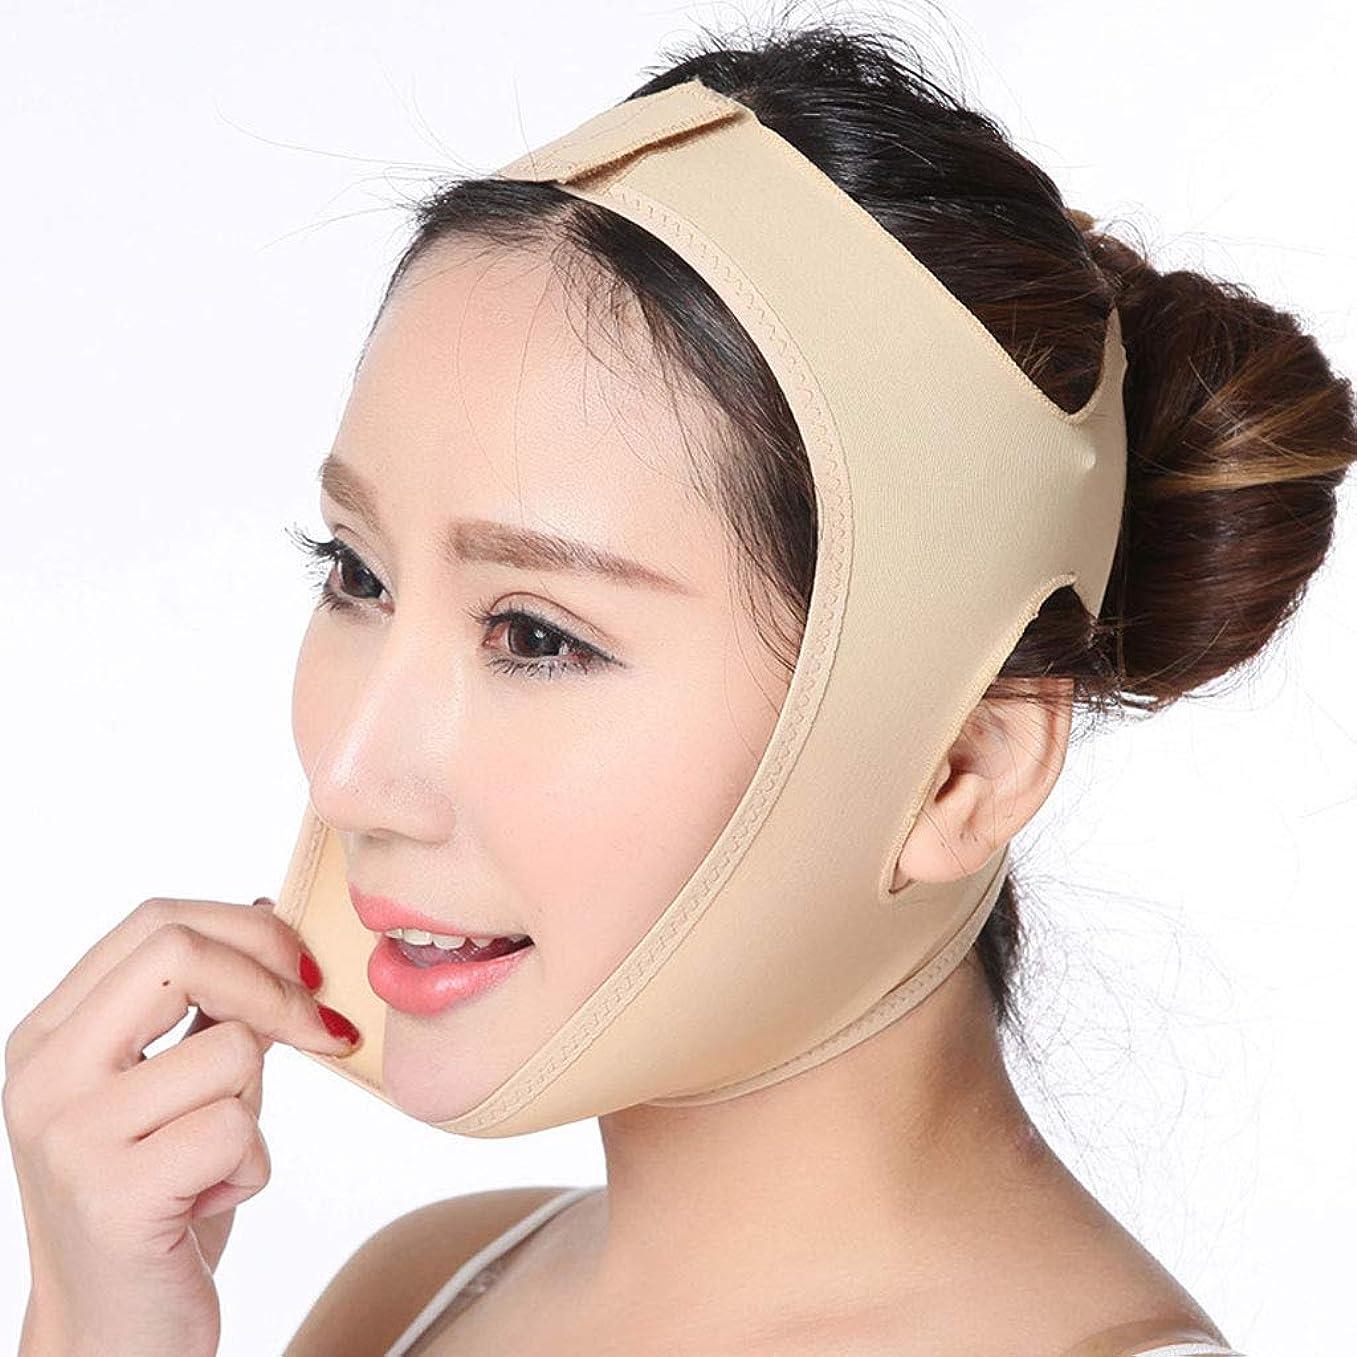 浴はず粘着性フェイスリフティング包帯、スリムマスク頬紅顔/痩身包帯をスリミング睡眠とV顔は、二重あご通気性、肌を減らす (XXL)